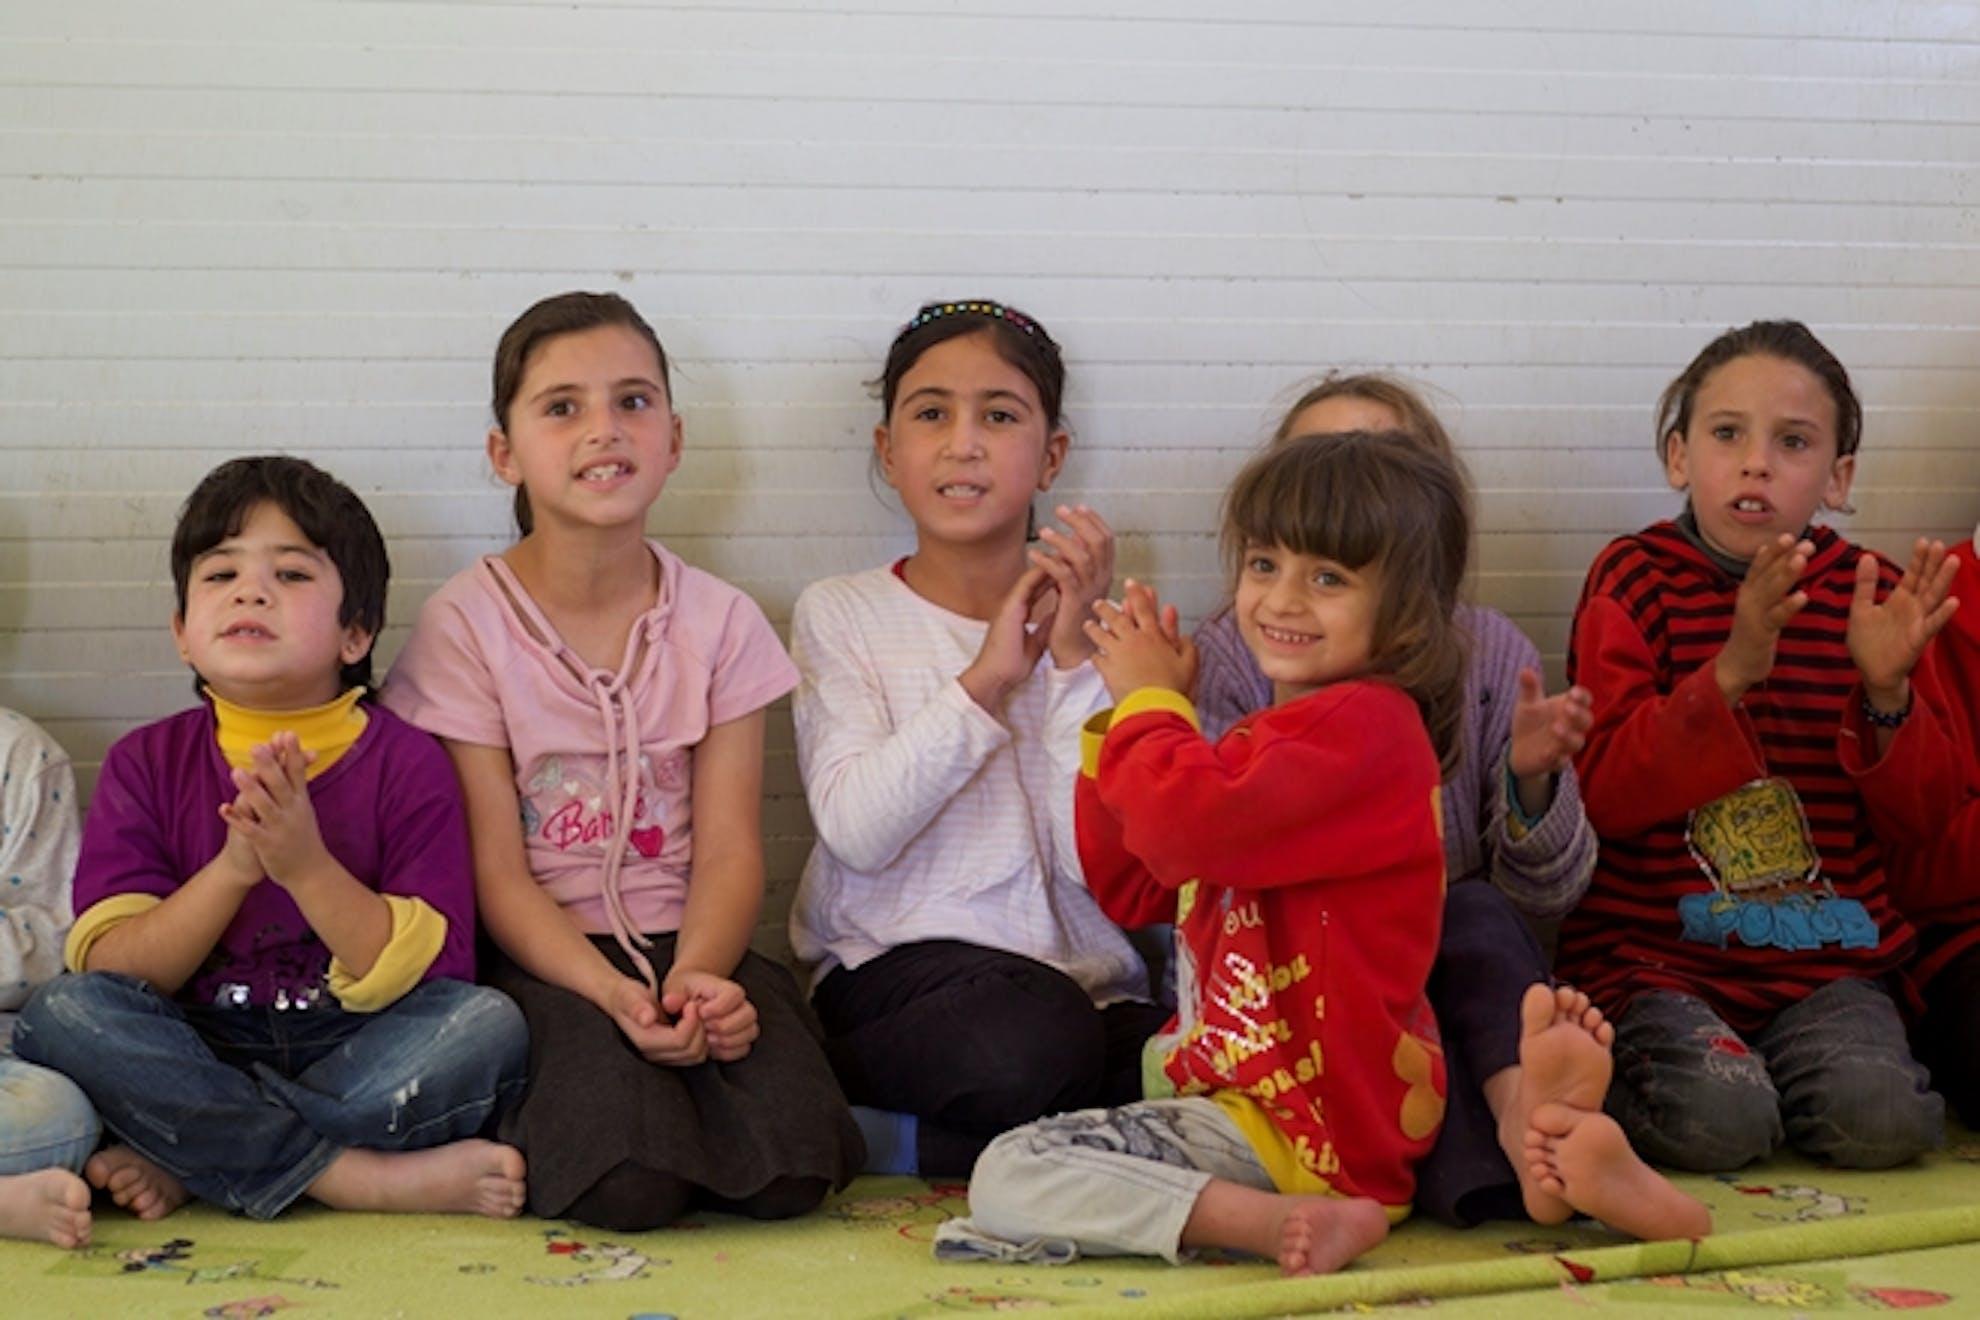 Safa, la bambina protagonista di questa storia, insieme ad alcune amichette in uno degli ambienti protetti installati dall'UNICEF nel campo profughi di Za'atari - ©UNICEF Giordania/2013/Shehzad Noorani